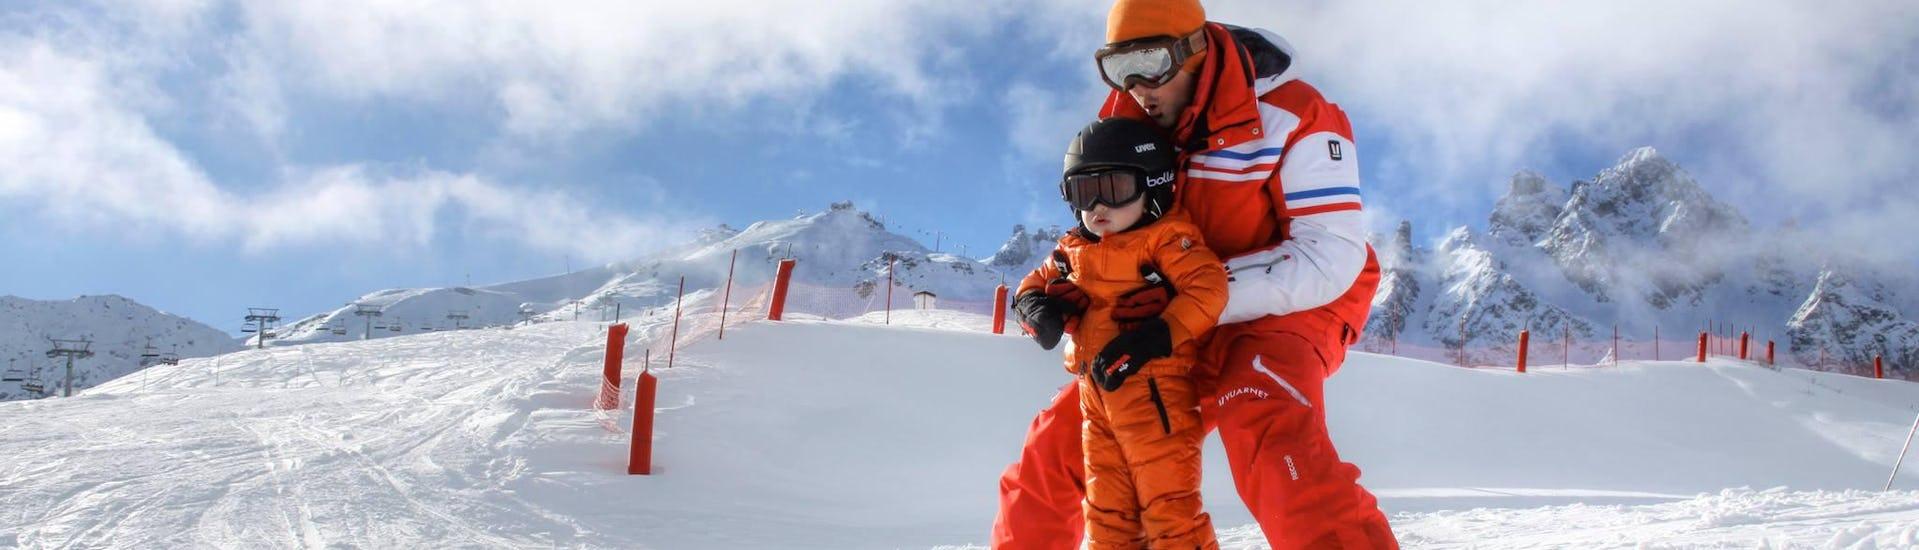 Cours de Ski pour Enfants (6-12 ans)